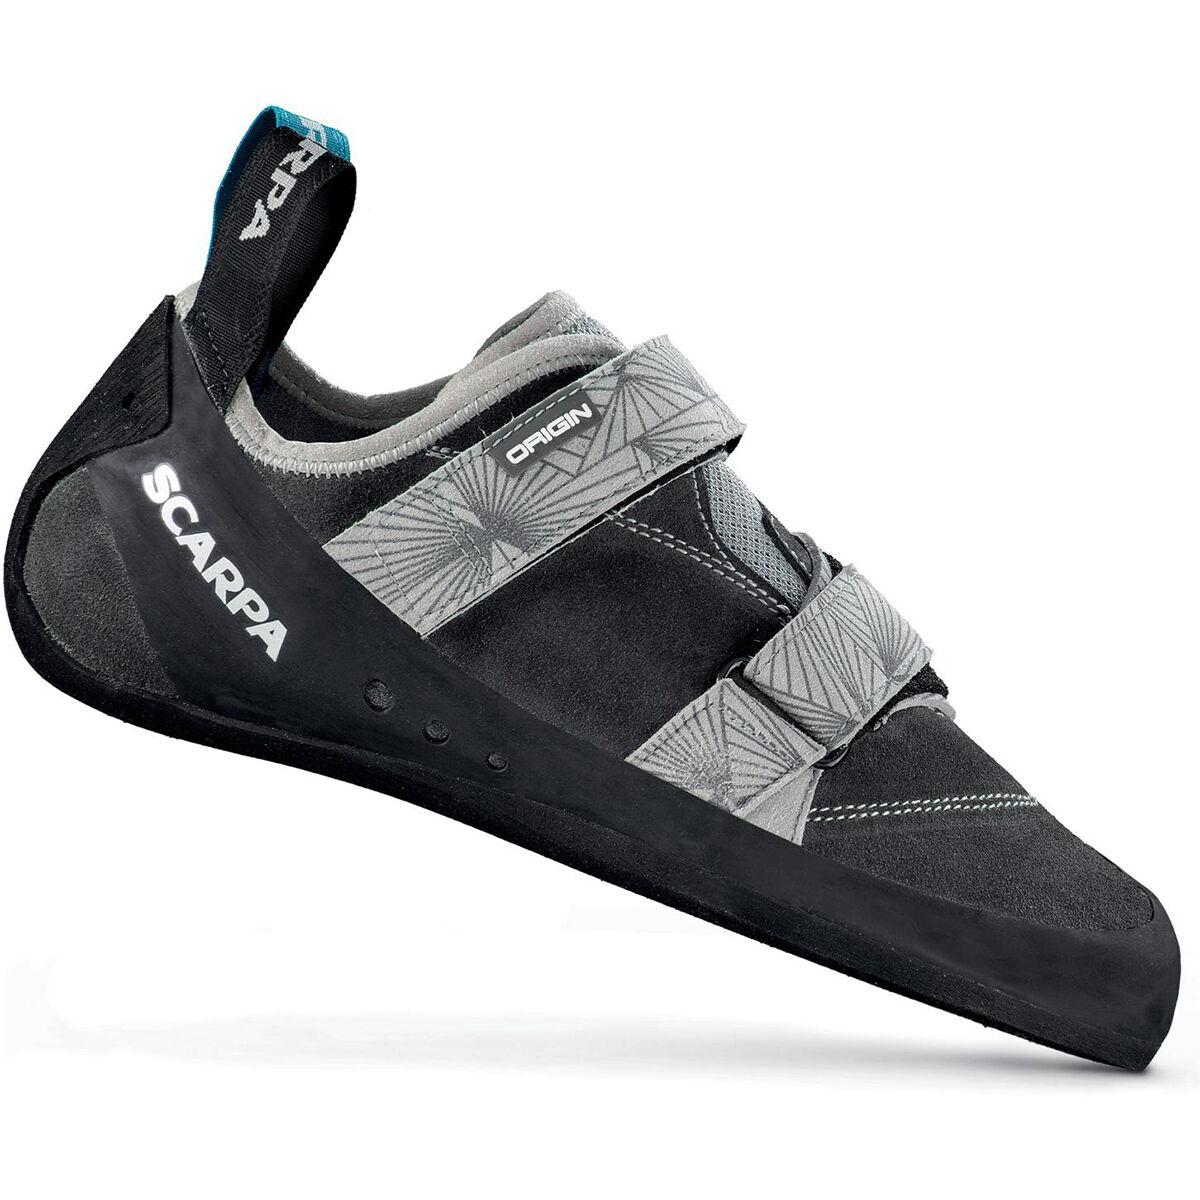 photo: Scarpa Origin climbing shoe